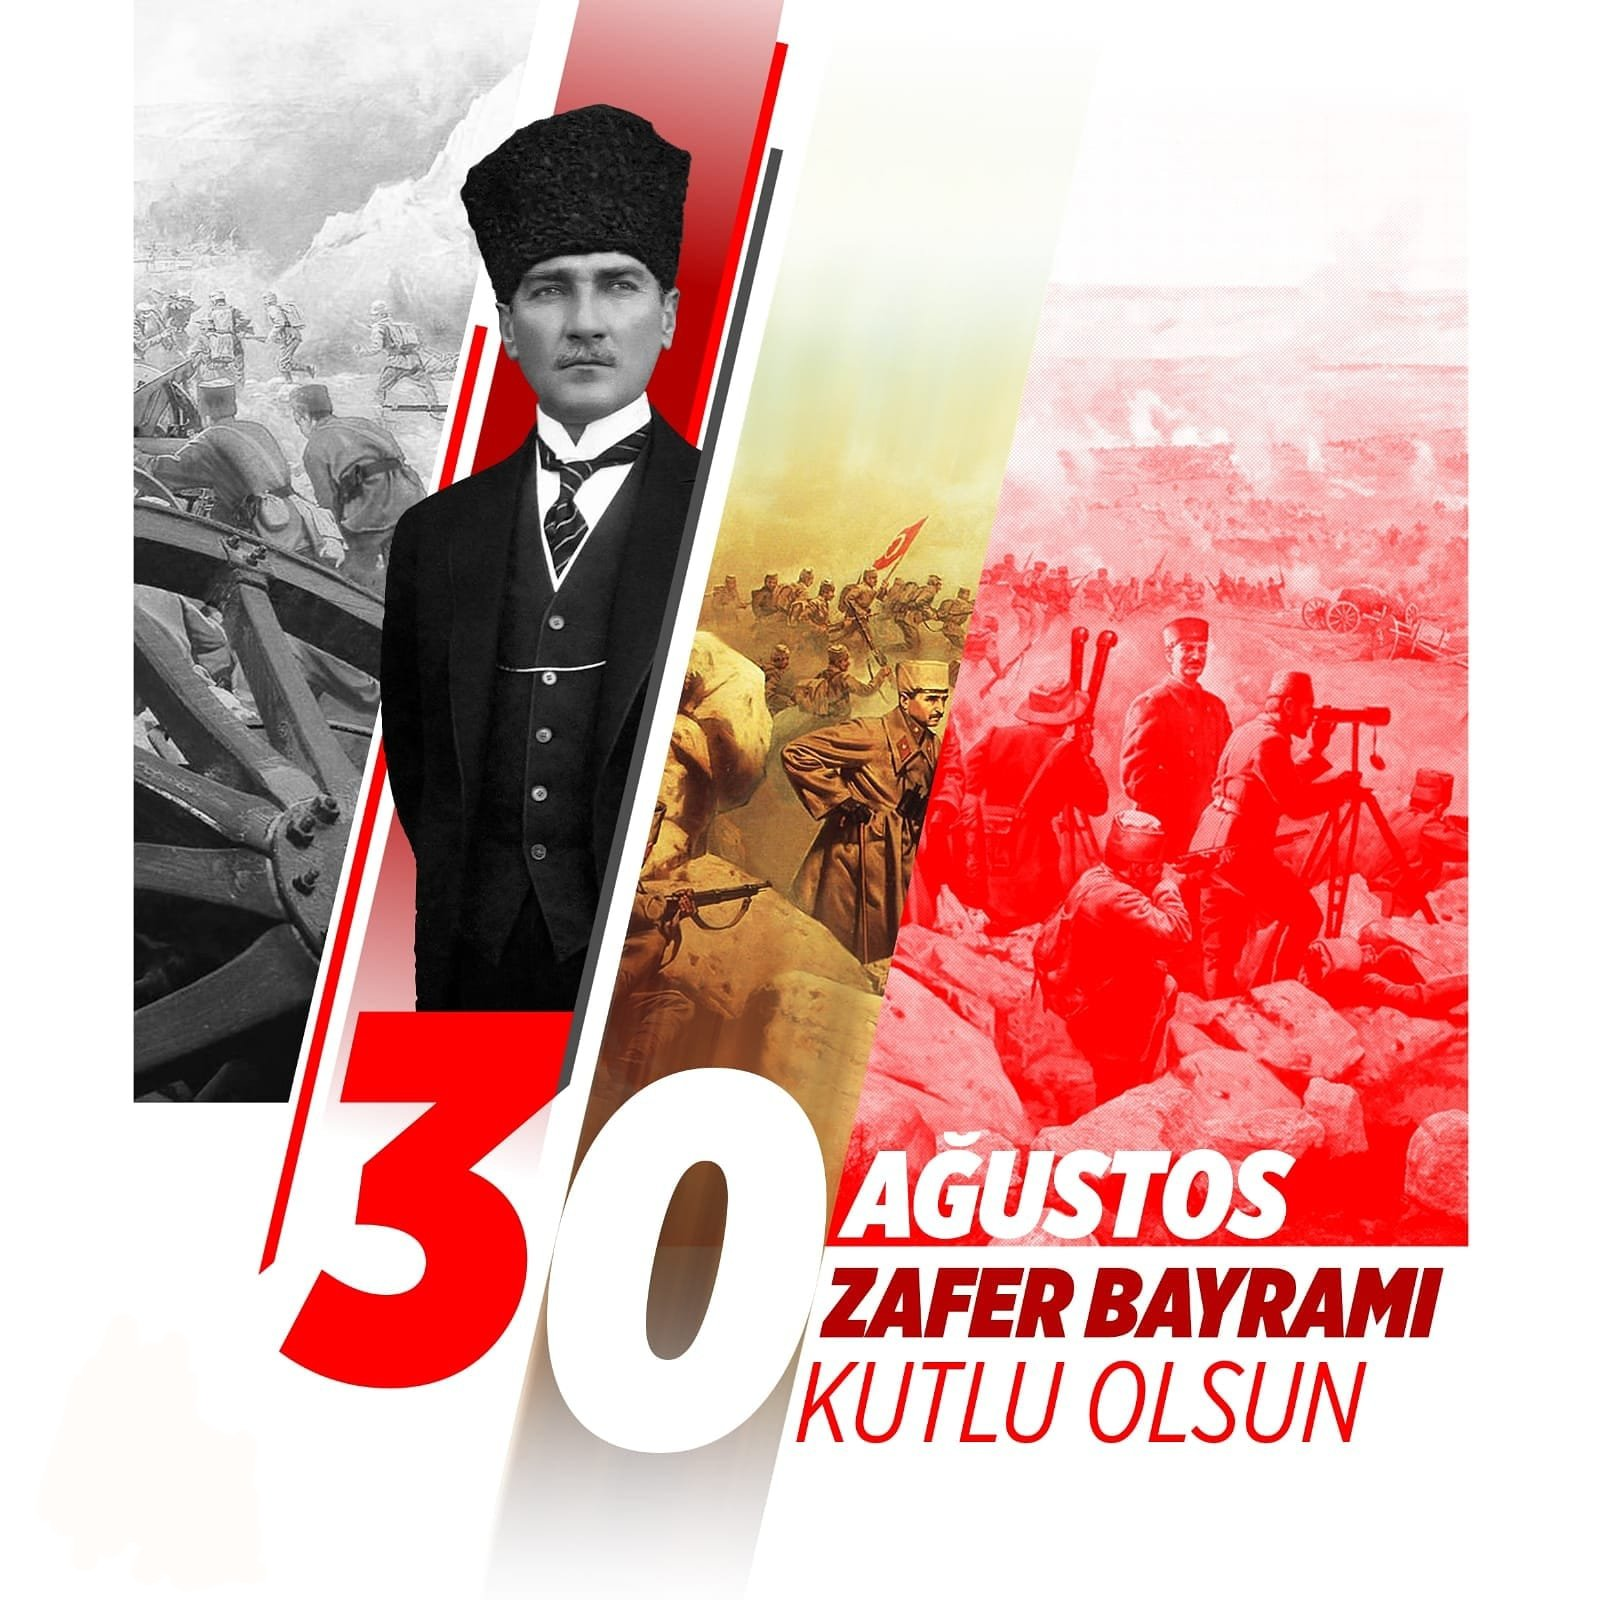 30-agustos-zafer-bayrami-udemy-kampanya